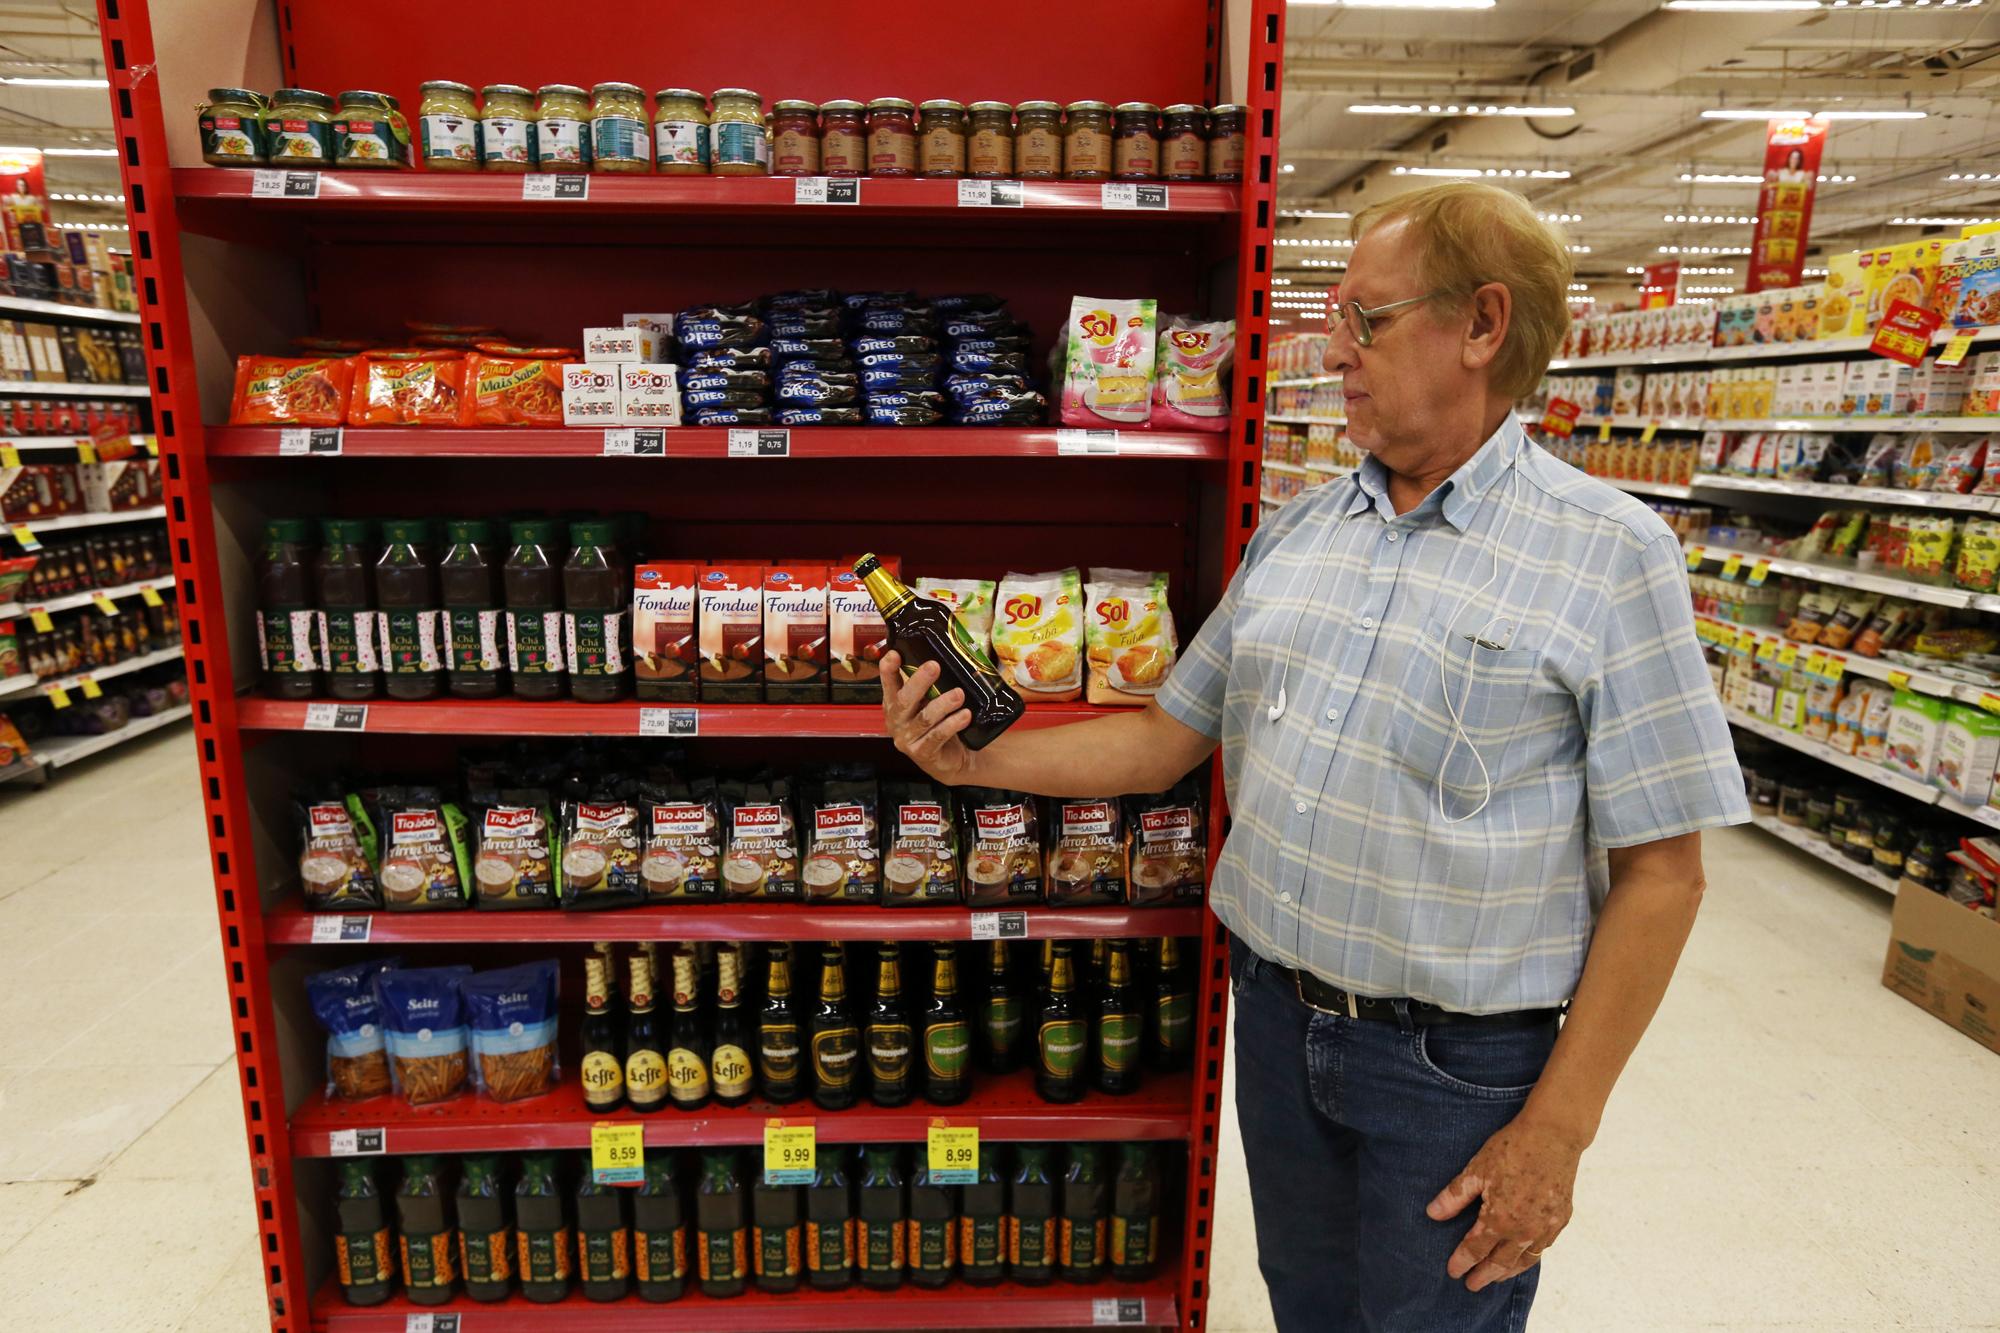 Mercados apostam em produtos prestes a vencer